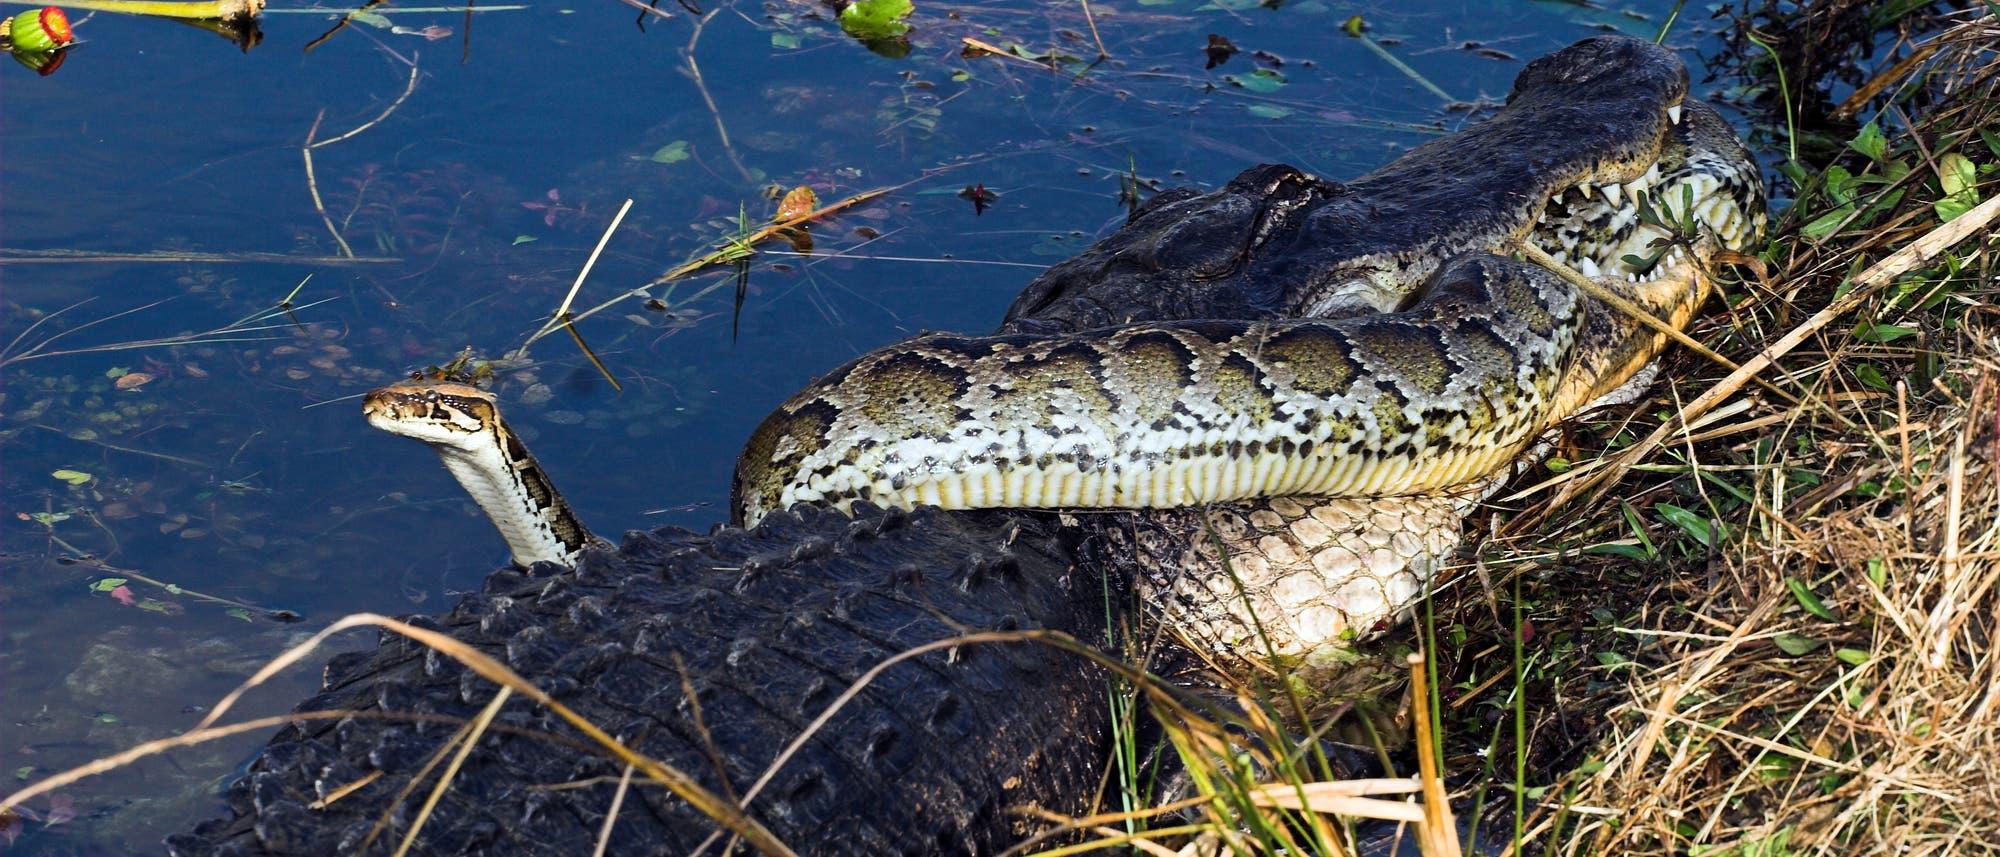 Tigerpython und Alligator kämpfen darum, wer wen fressen darf